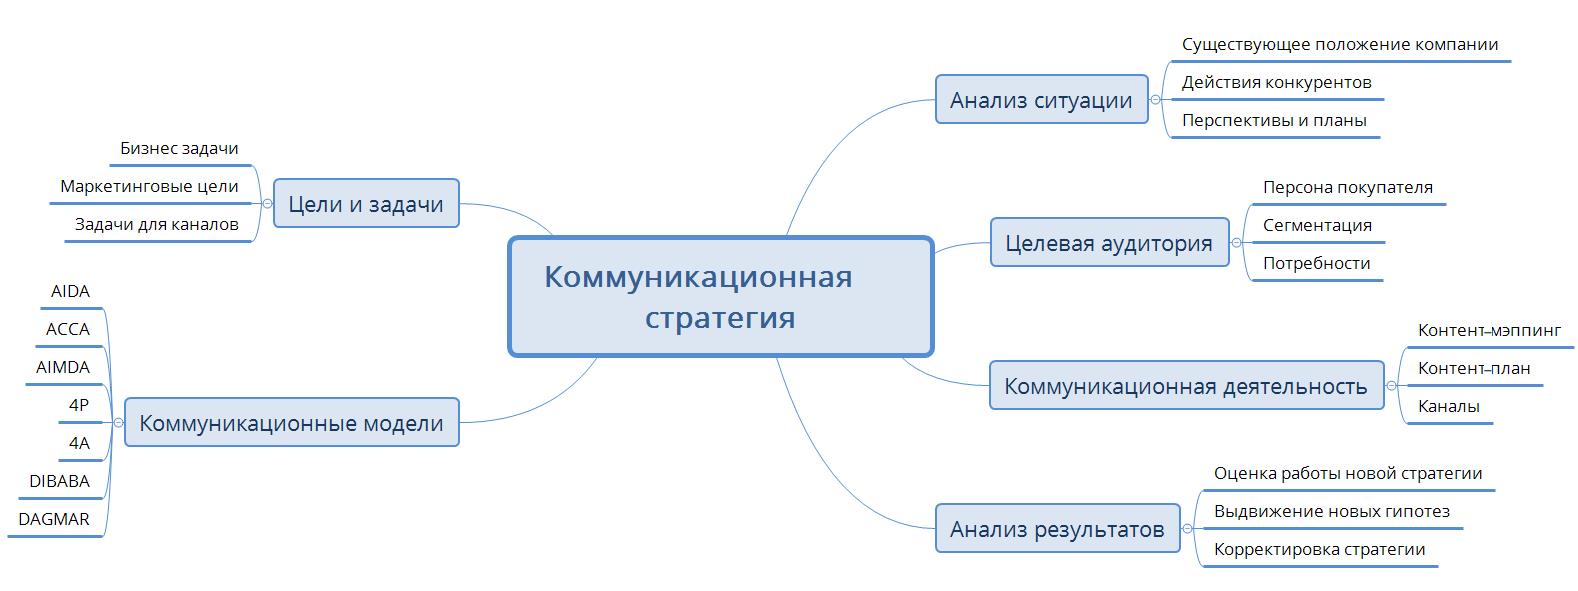 Коммуникативная девушка модель работы с семьей работа вахтовым методом вакансии для девушки